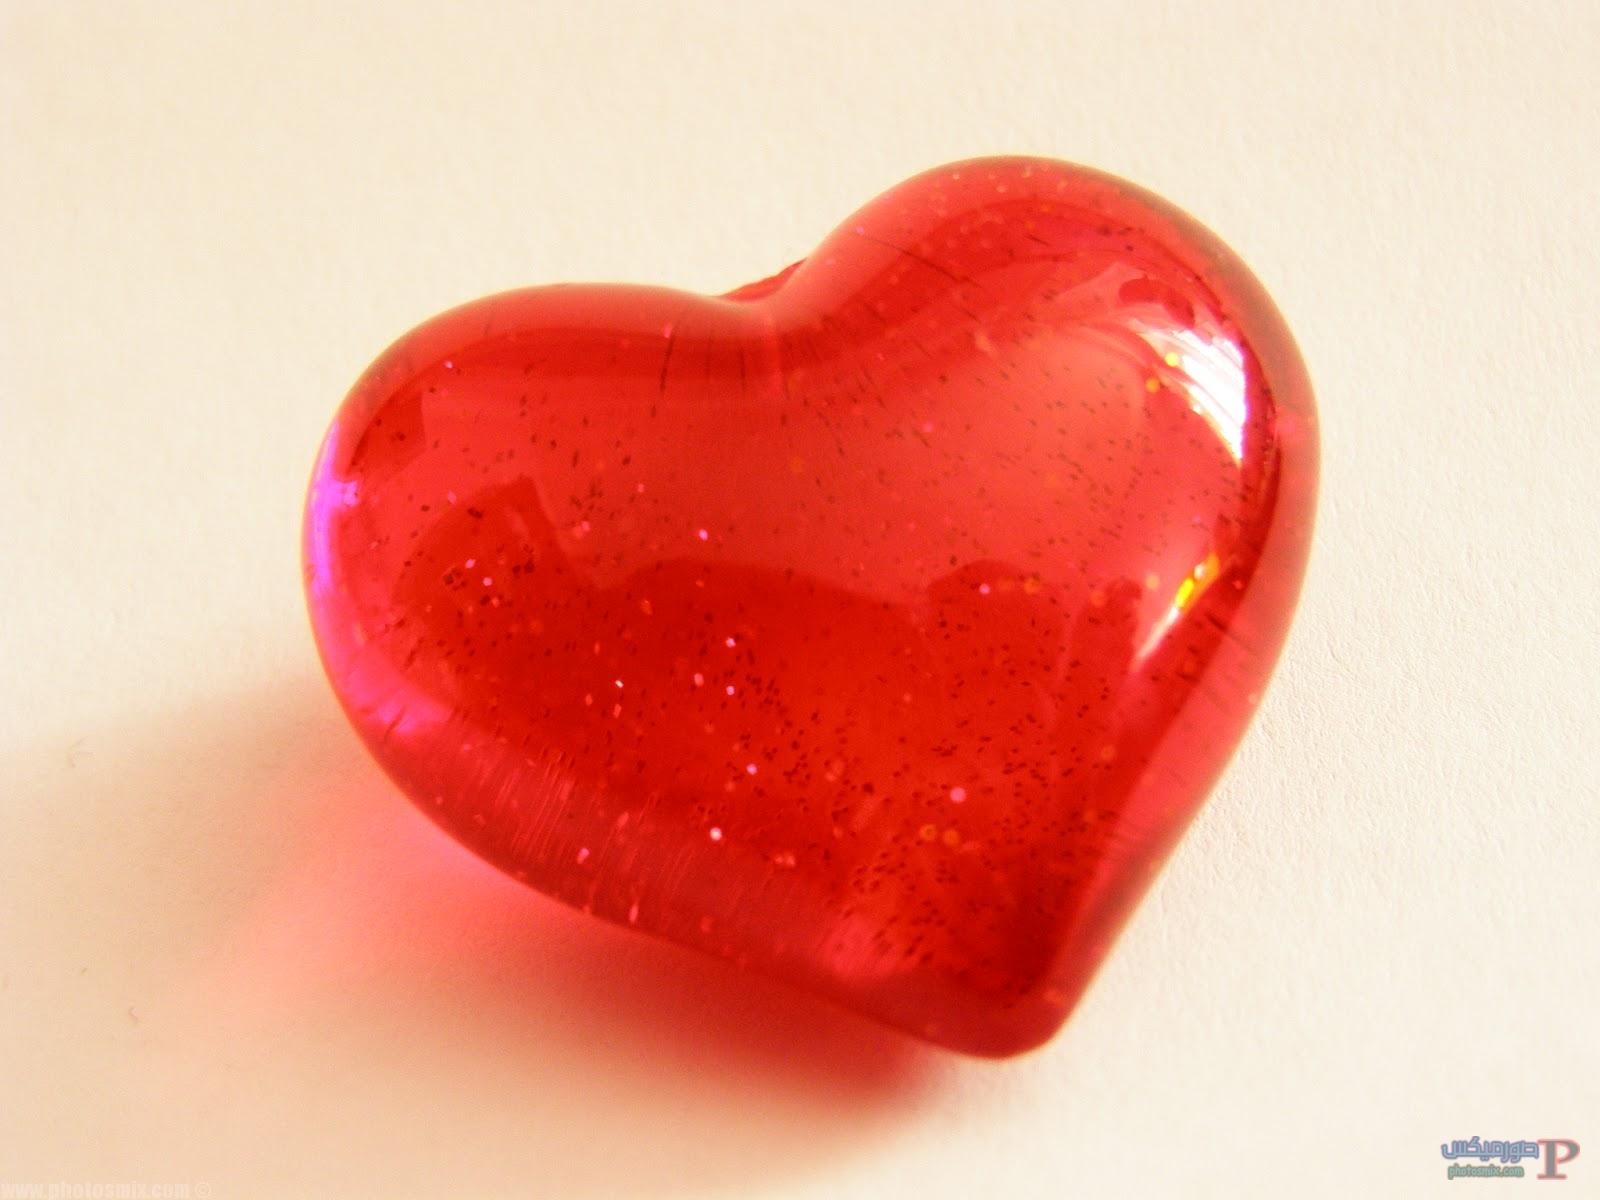 -قلوب-رمانسية صور قلوب رومانسية, احلي قلوب حب وورد 2018, صور قلوب مجروحة